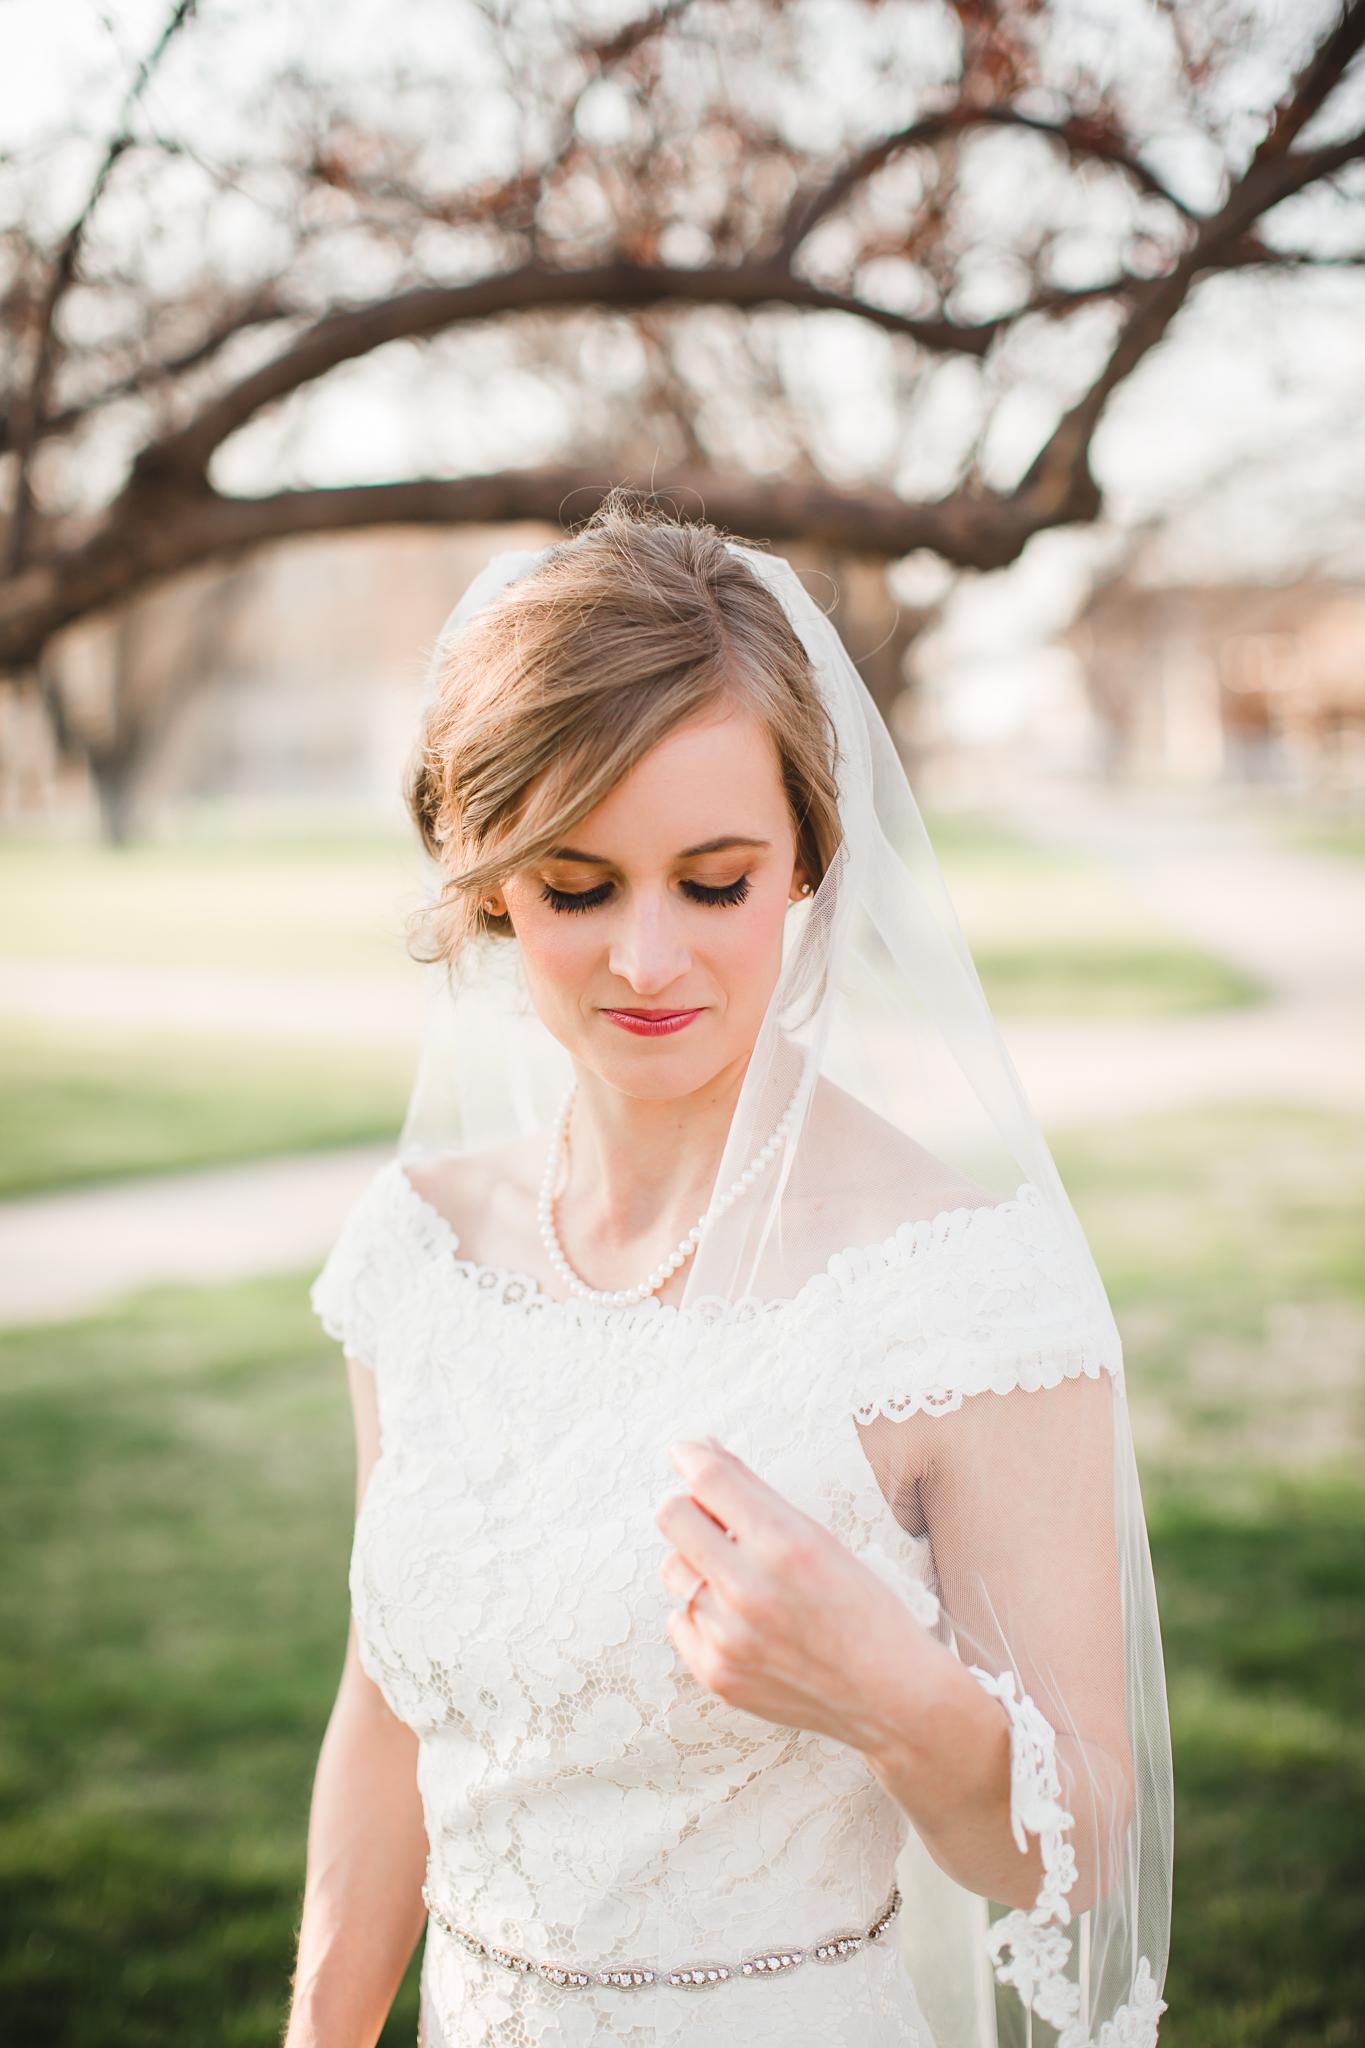 alyssa bridal blog-12.jpg